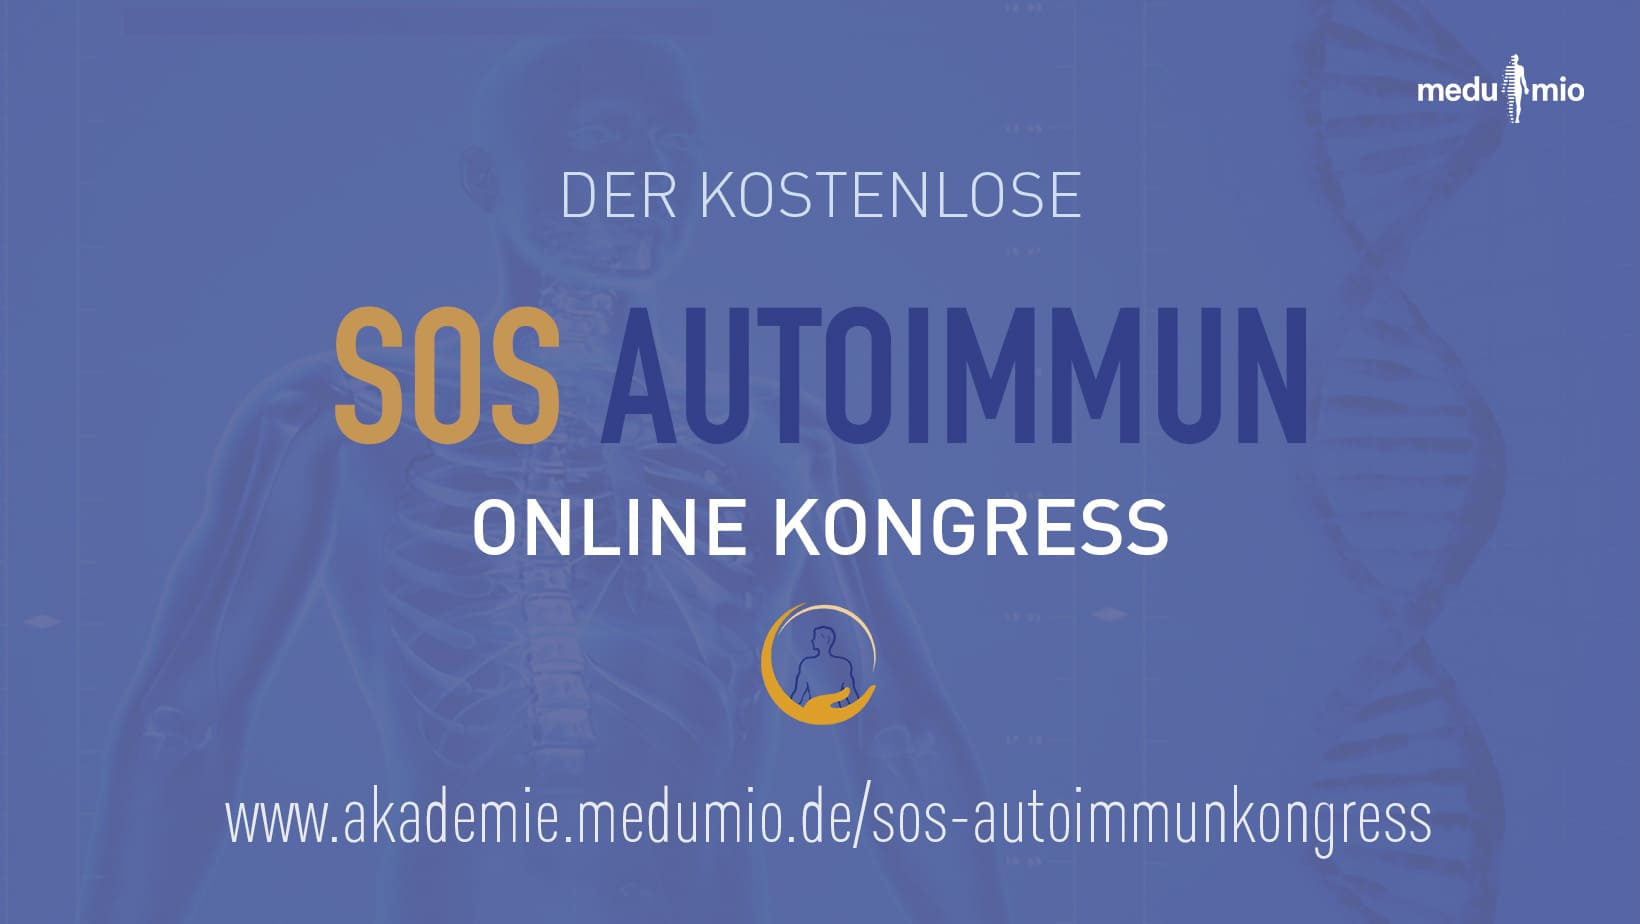 SOS Autoimmun Online Kongress 2021